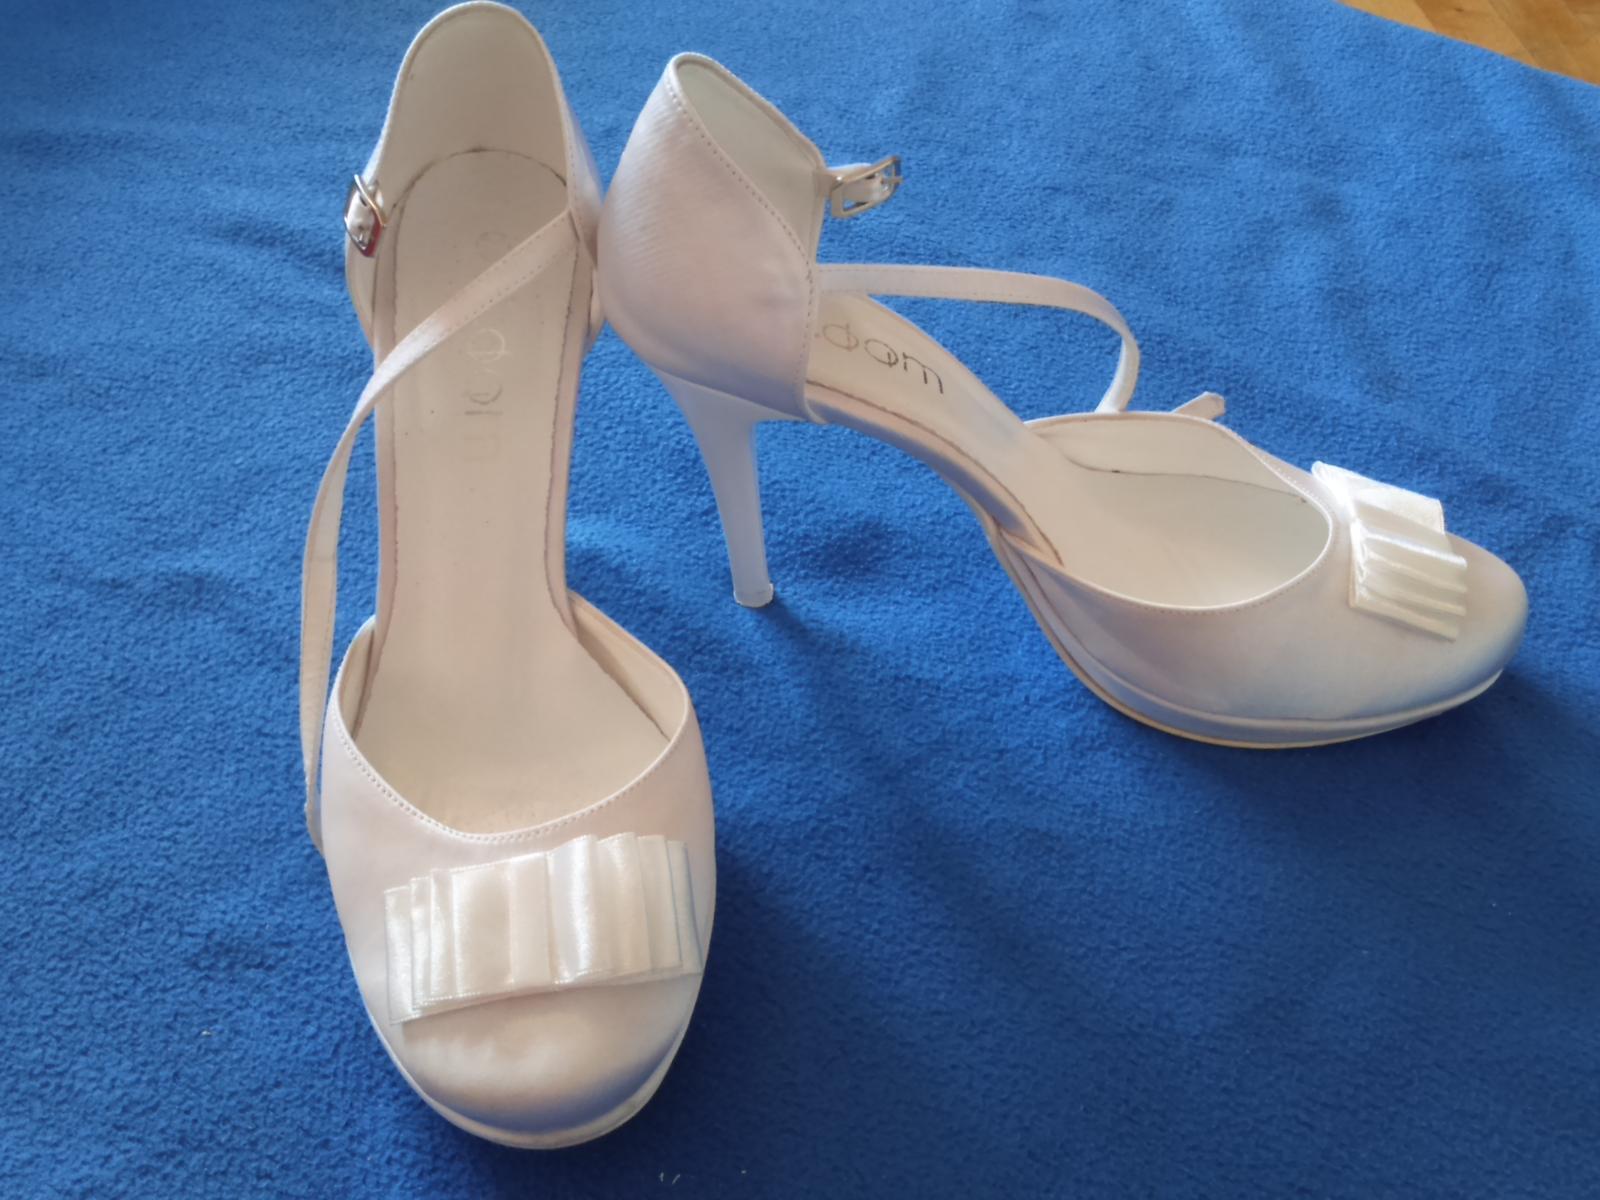 Svadobné topánky butdam - Obrázok č. 1